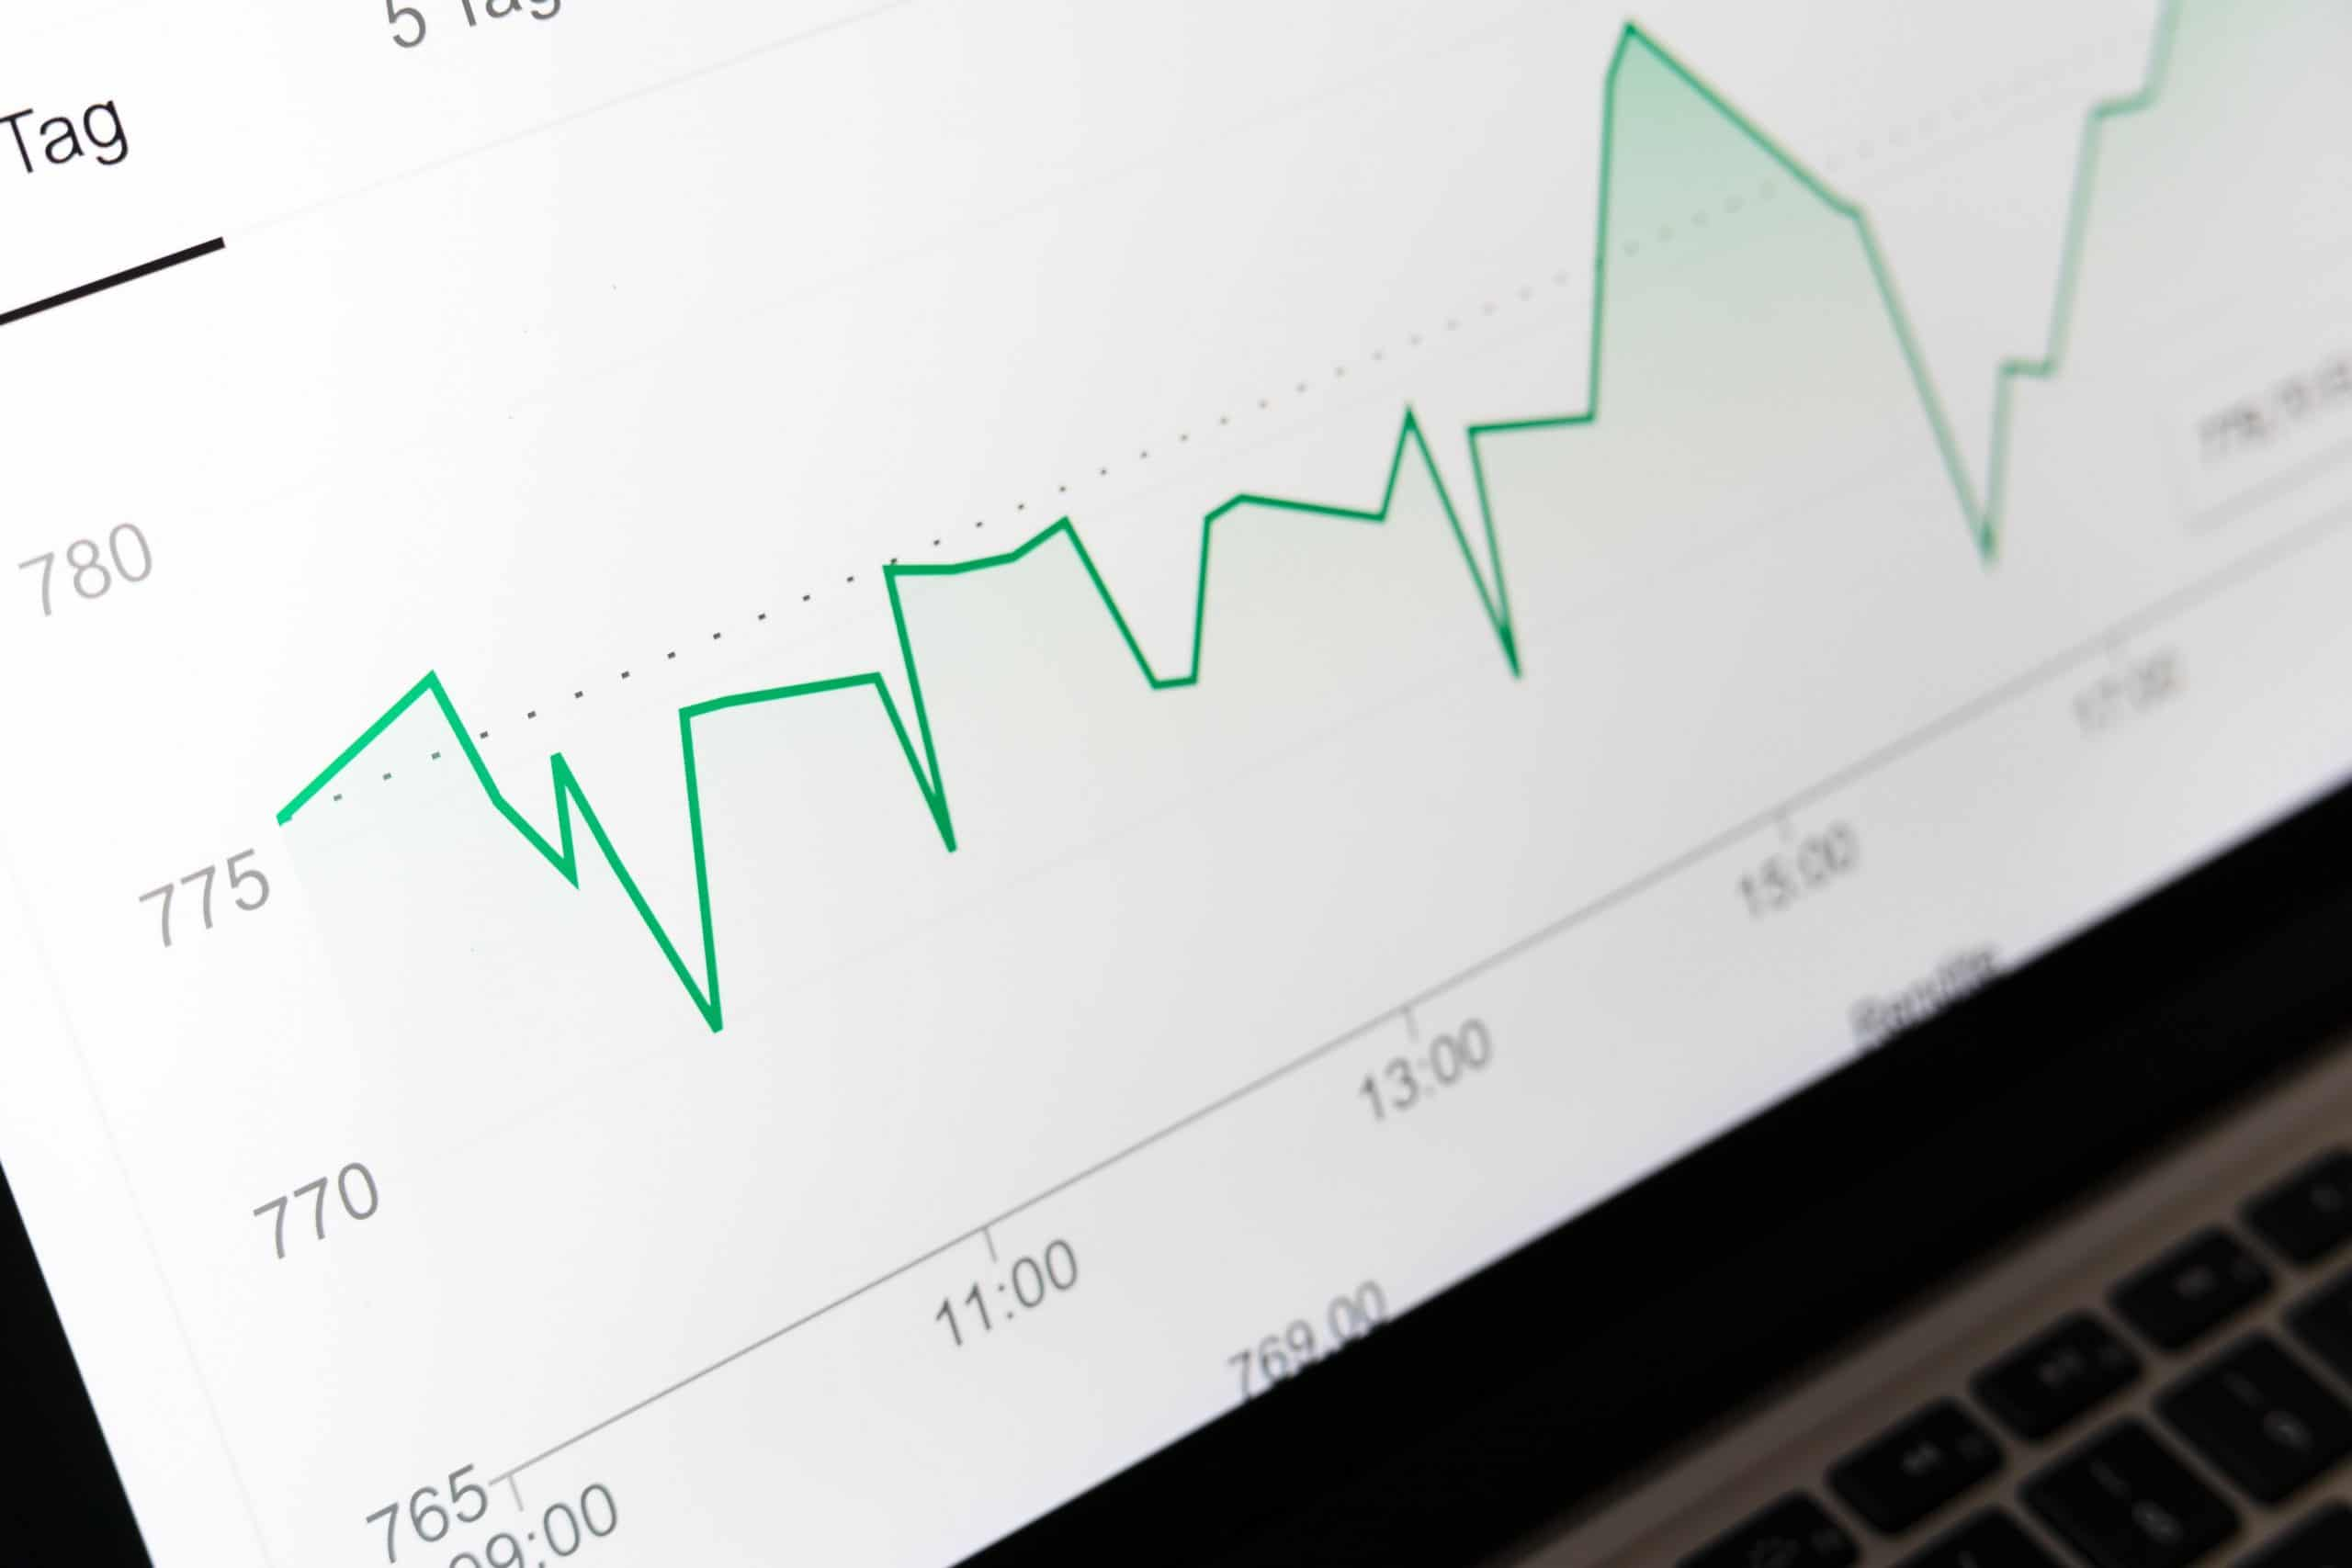 Liste der 5 größten Finanzstartups (Fintechs) in Deutschland